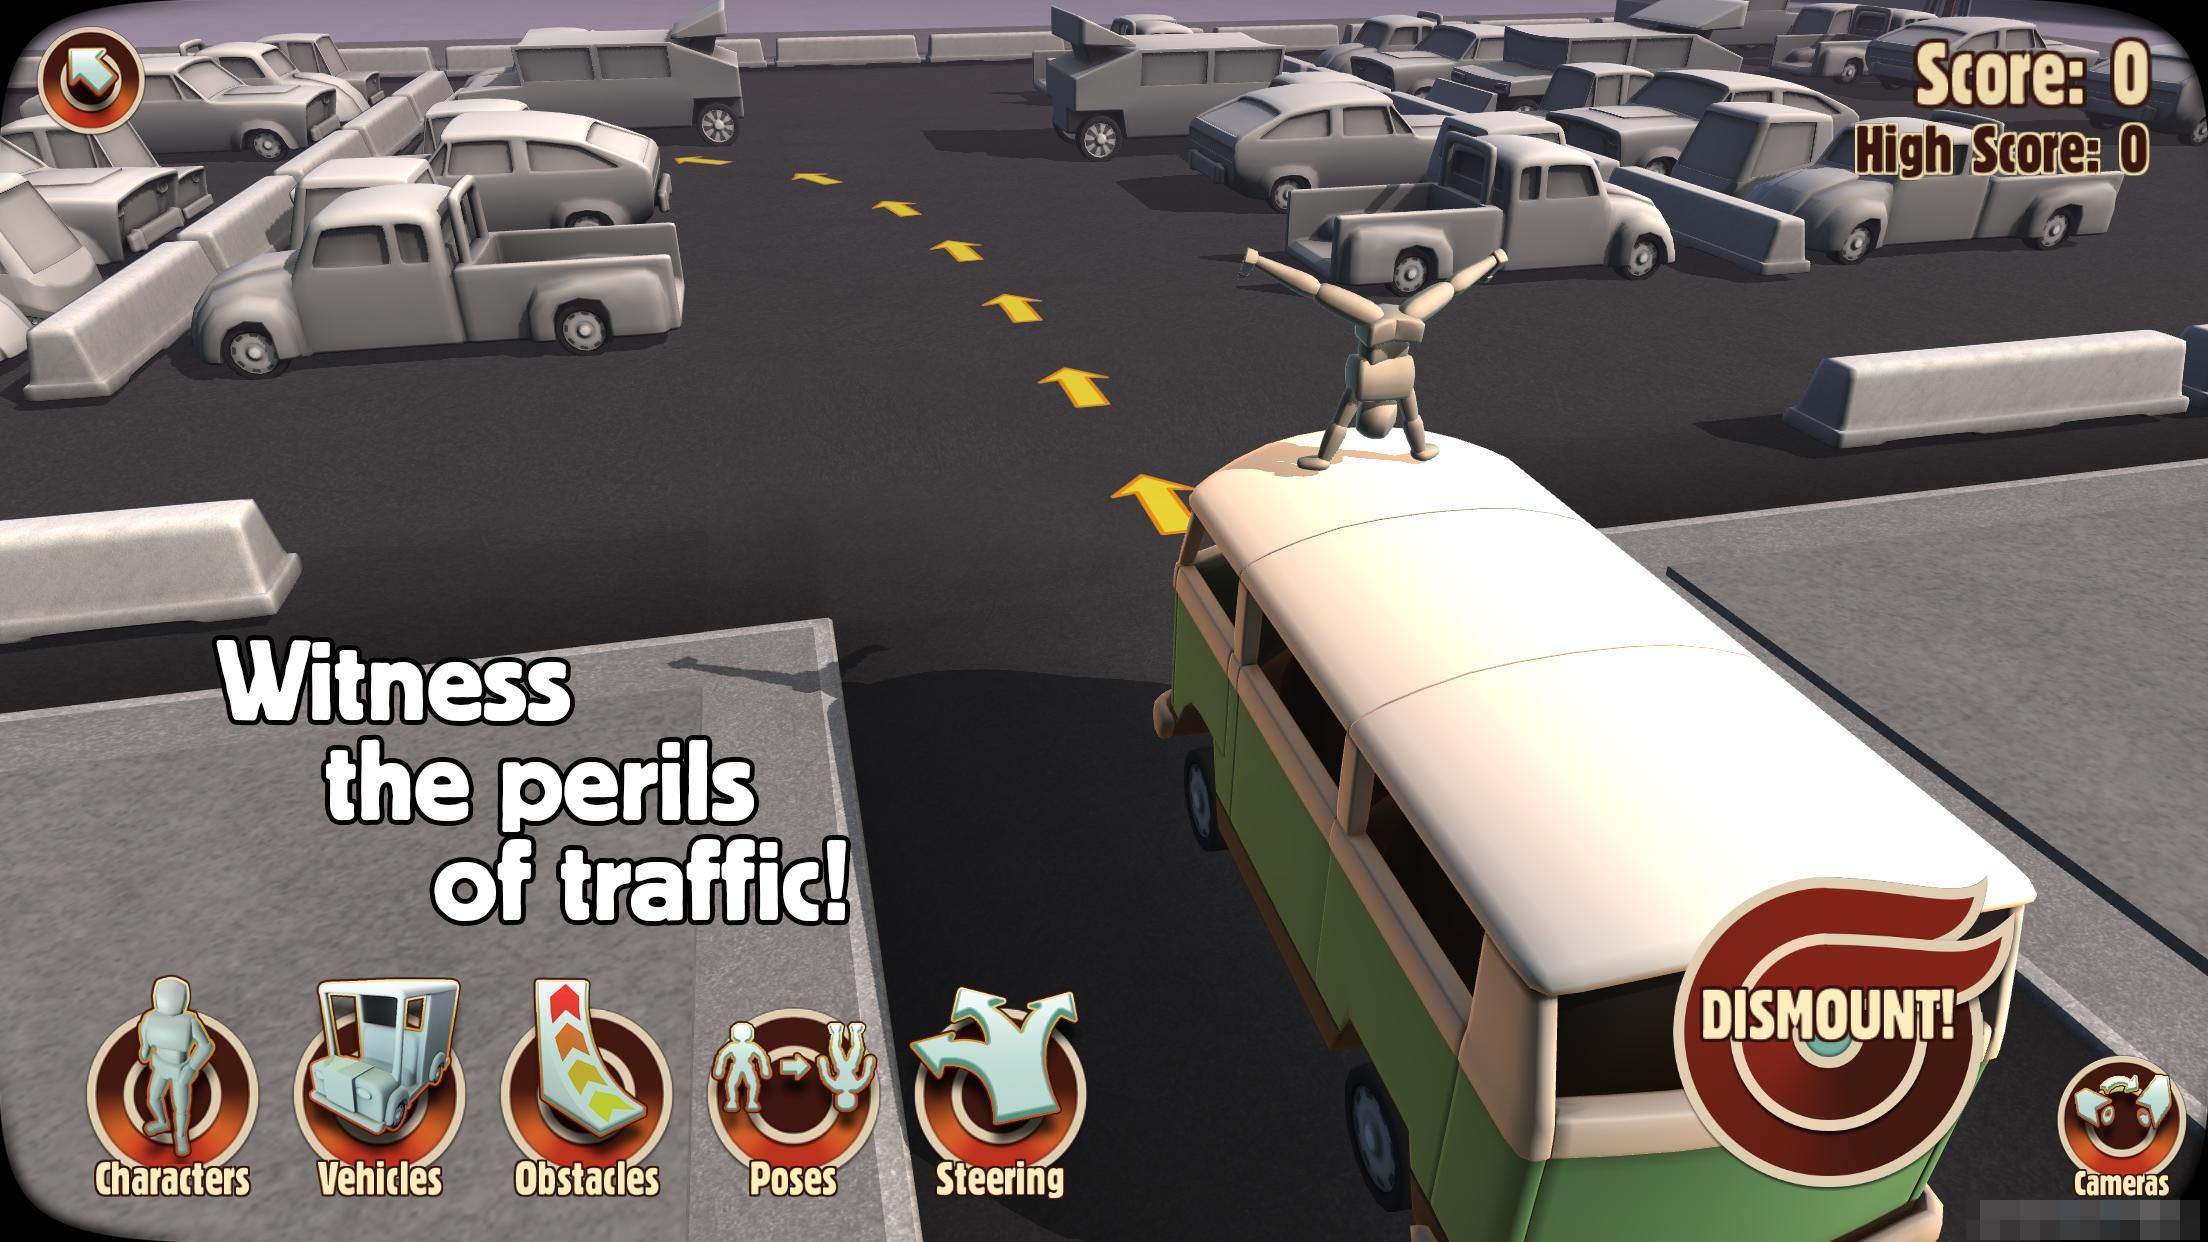 车祸英雄 Turbo Dismount付费内容全解锁版(含数据包)v1.18.0截图1